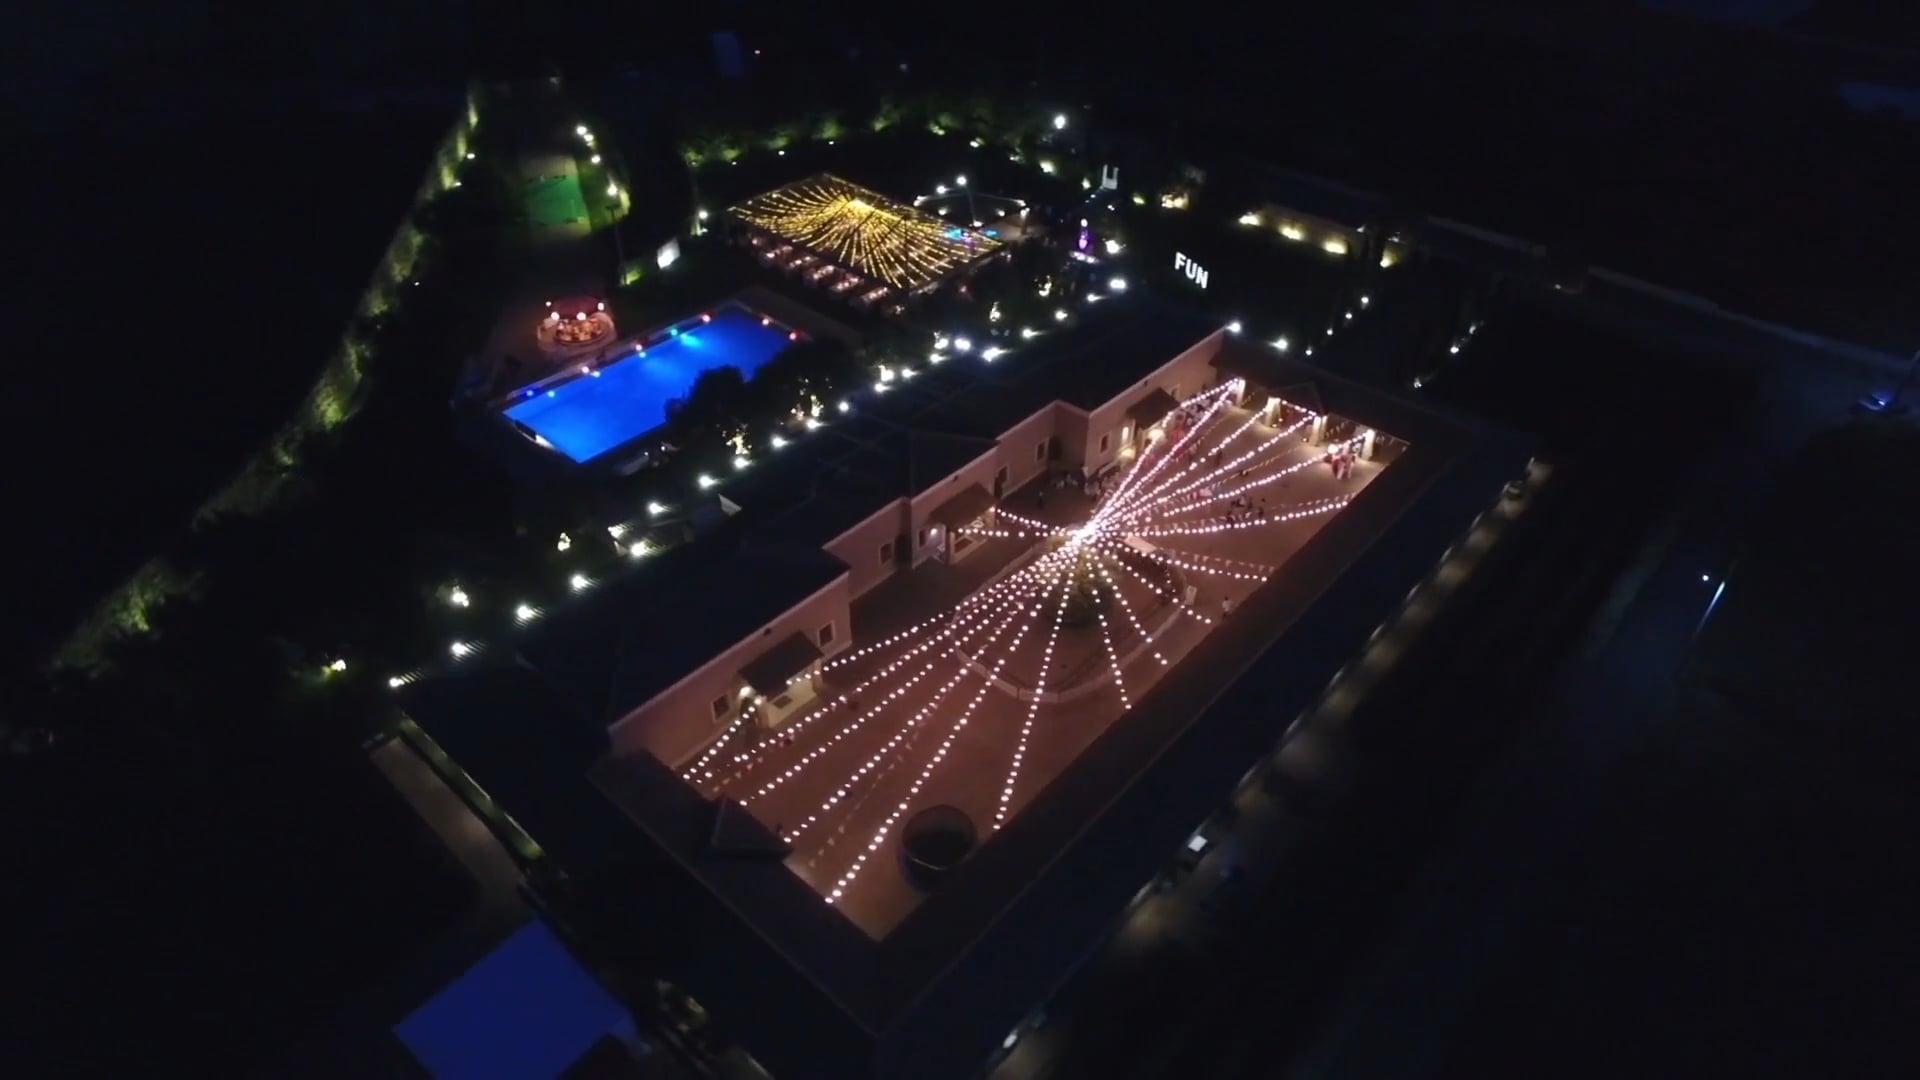 Circus theme baptism & wedding party @ Casa e Campo